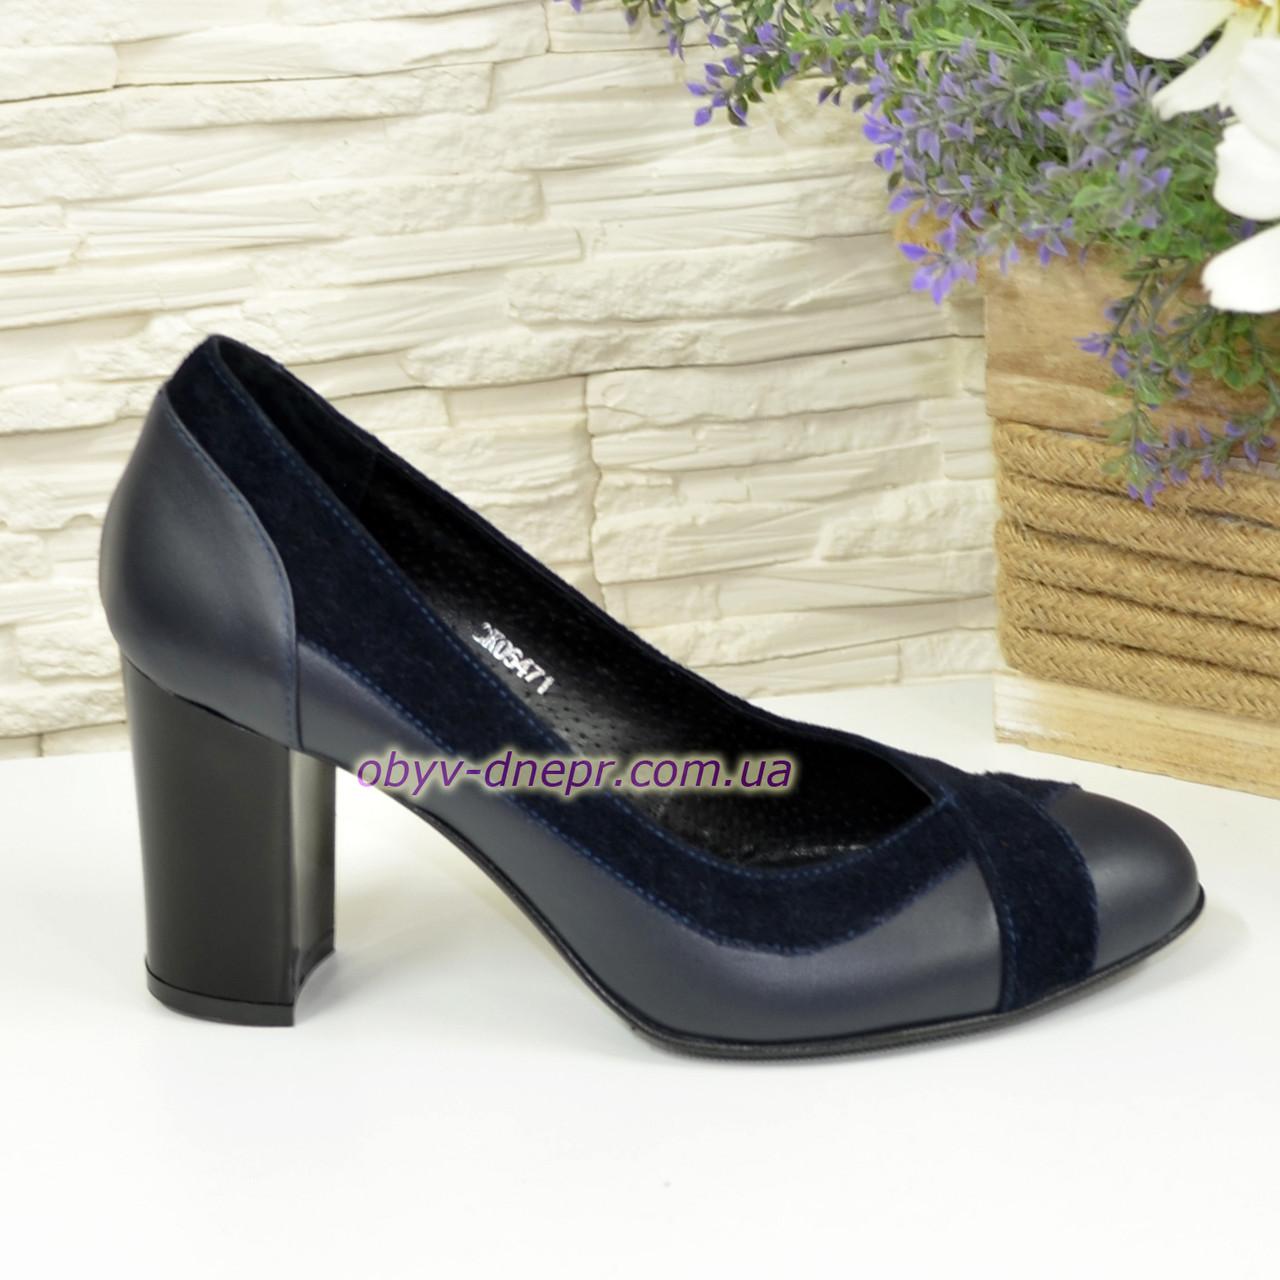 Туфли синие женские классические на каблуке, натуральная кожа и замш ... 6a39c15cfde